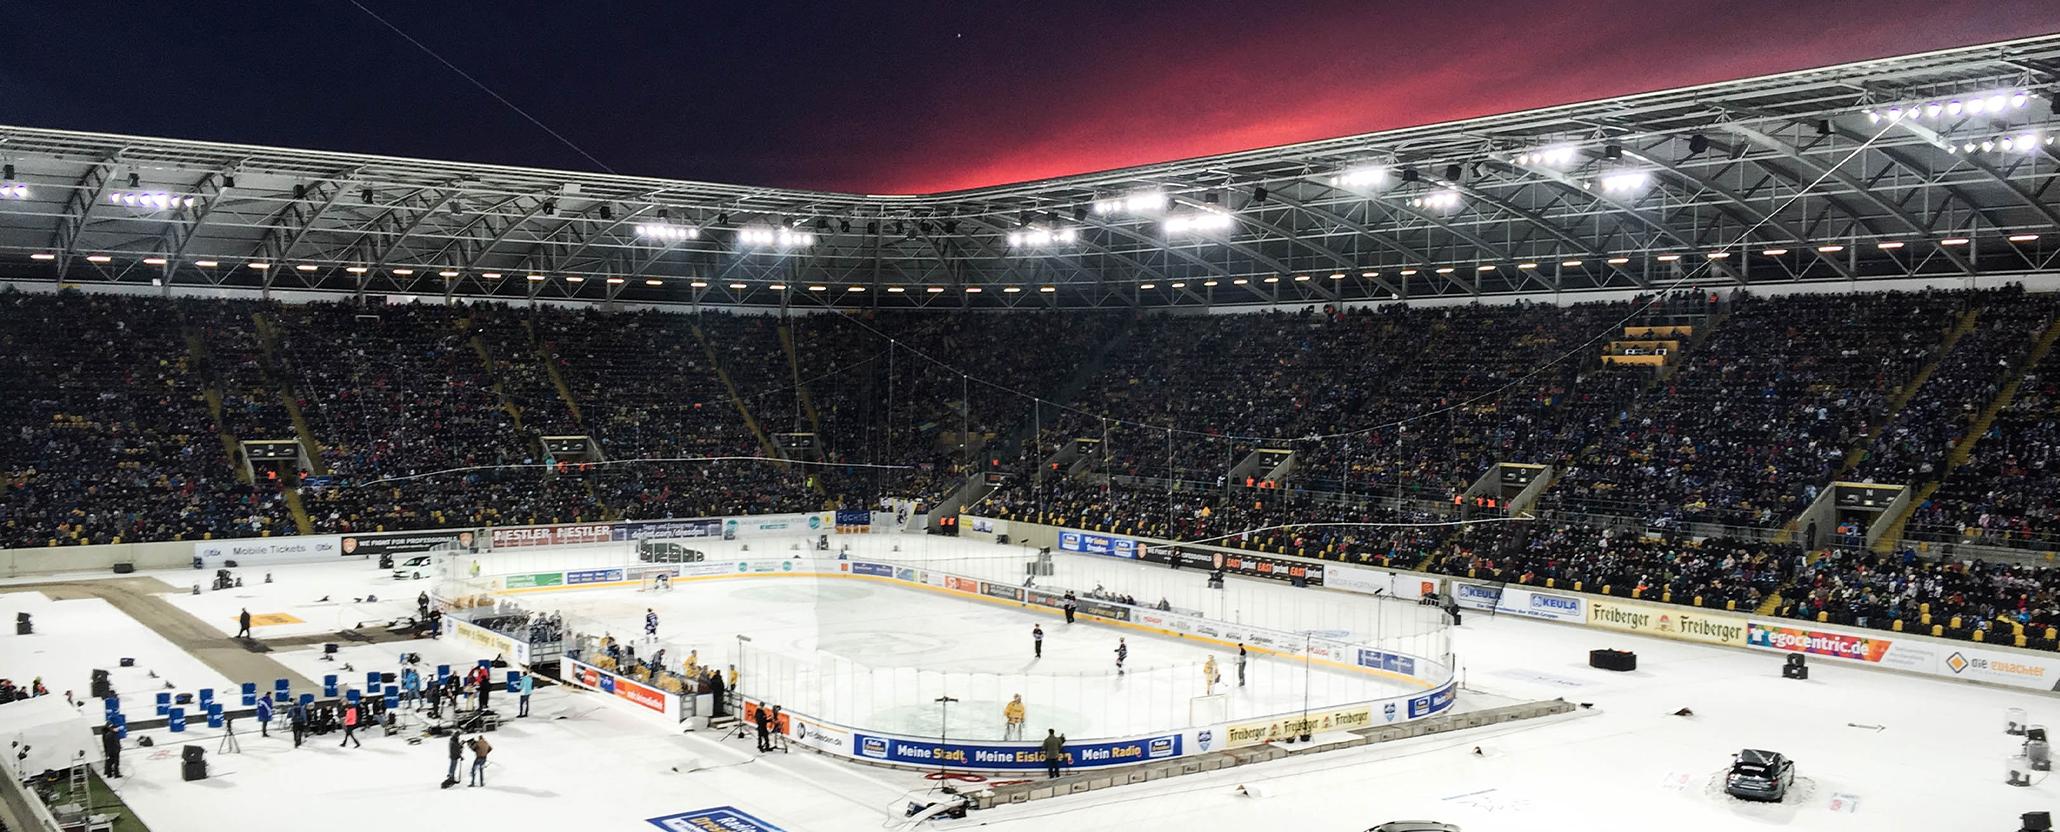 Eishockey im Fußballstadion – Ein Rückblick auf das Winter Derby 2016